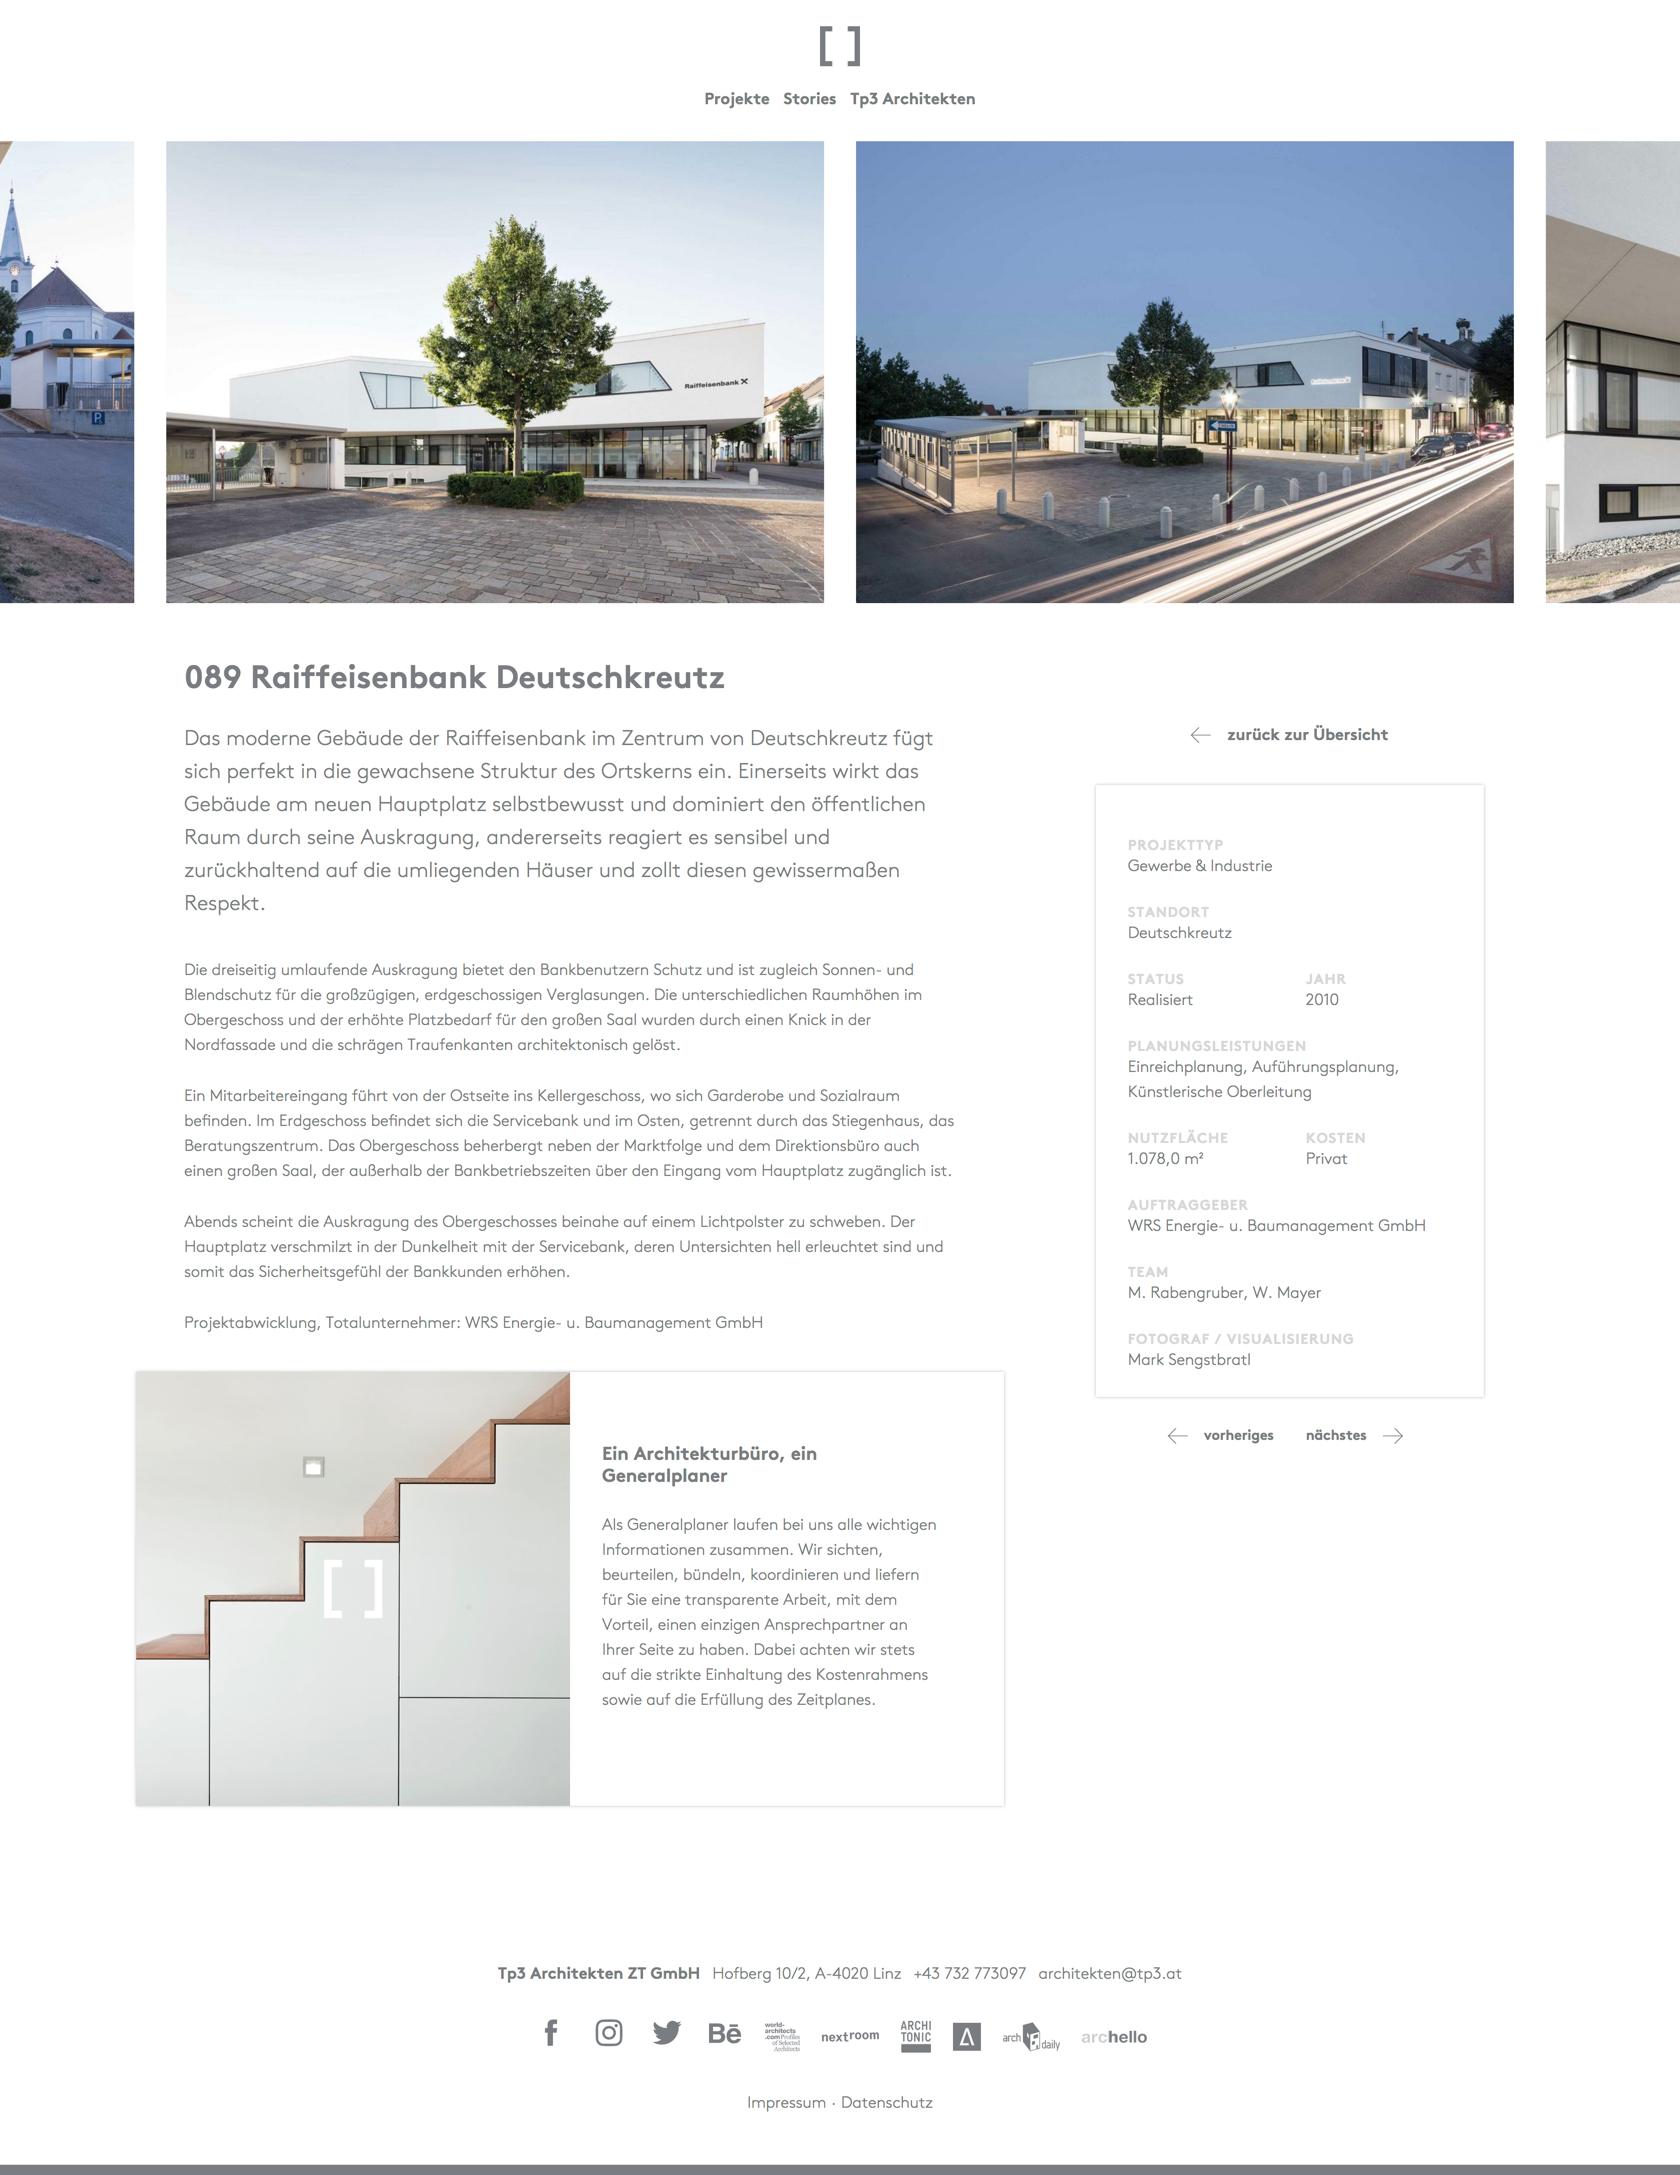 Tp3 Architekten 03